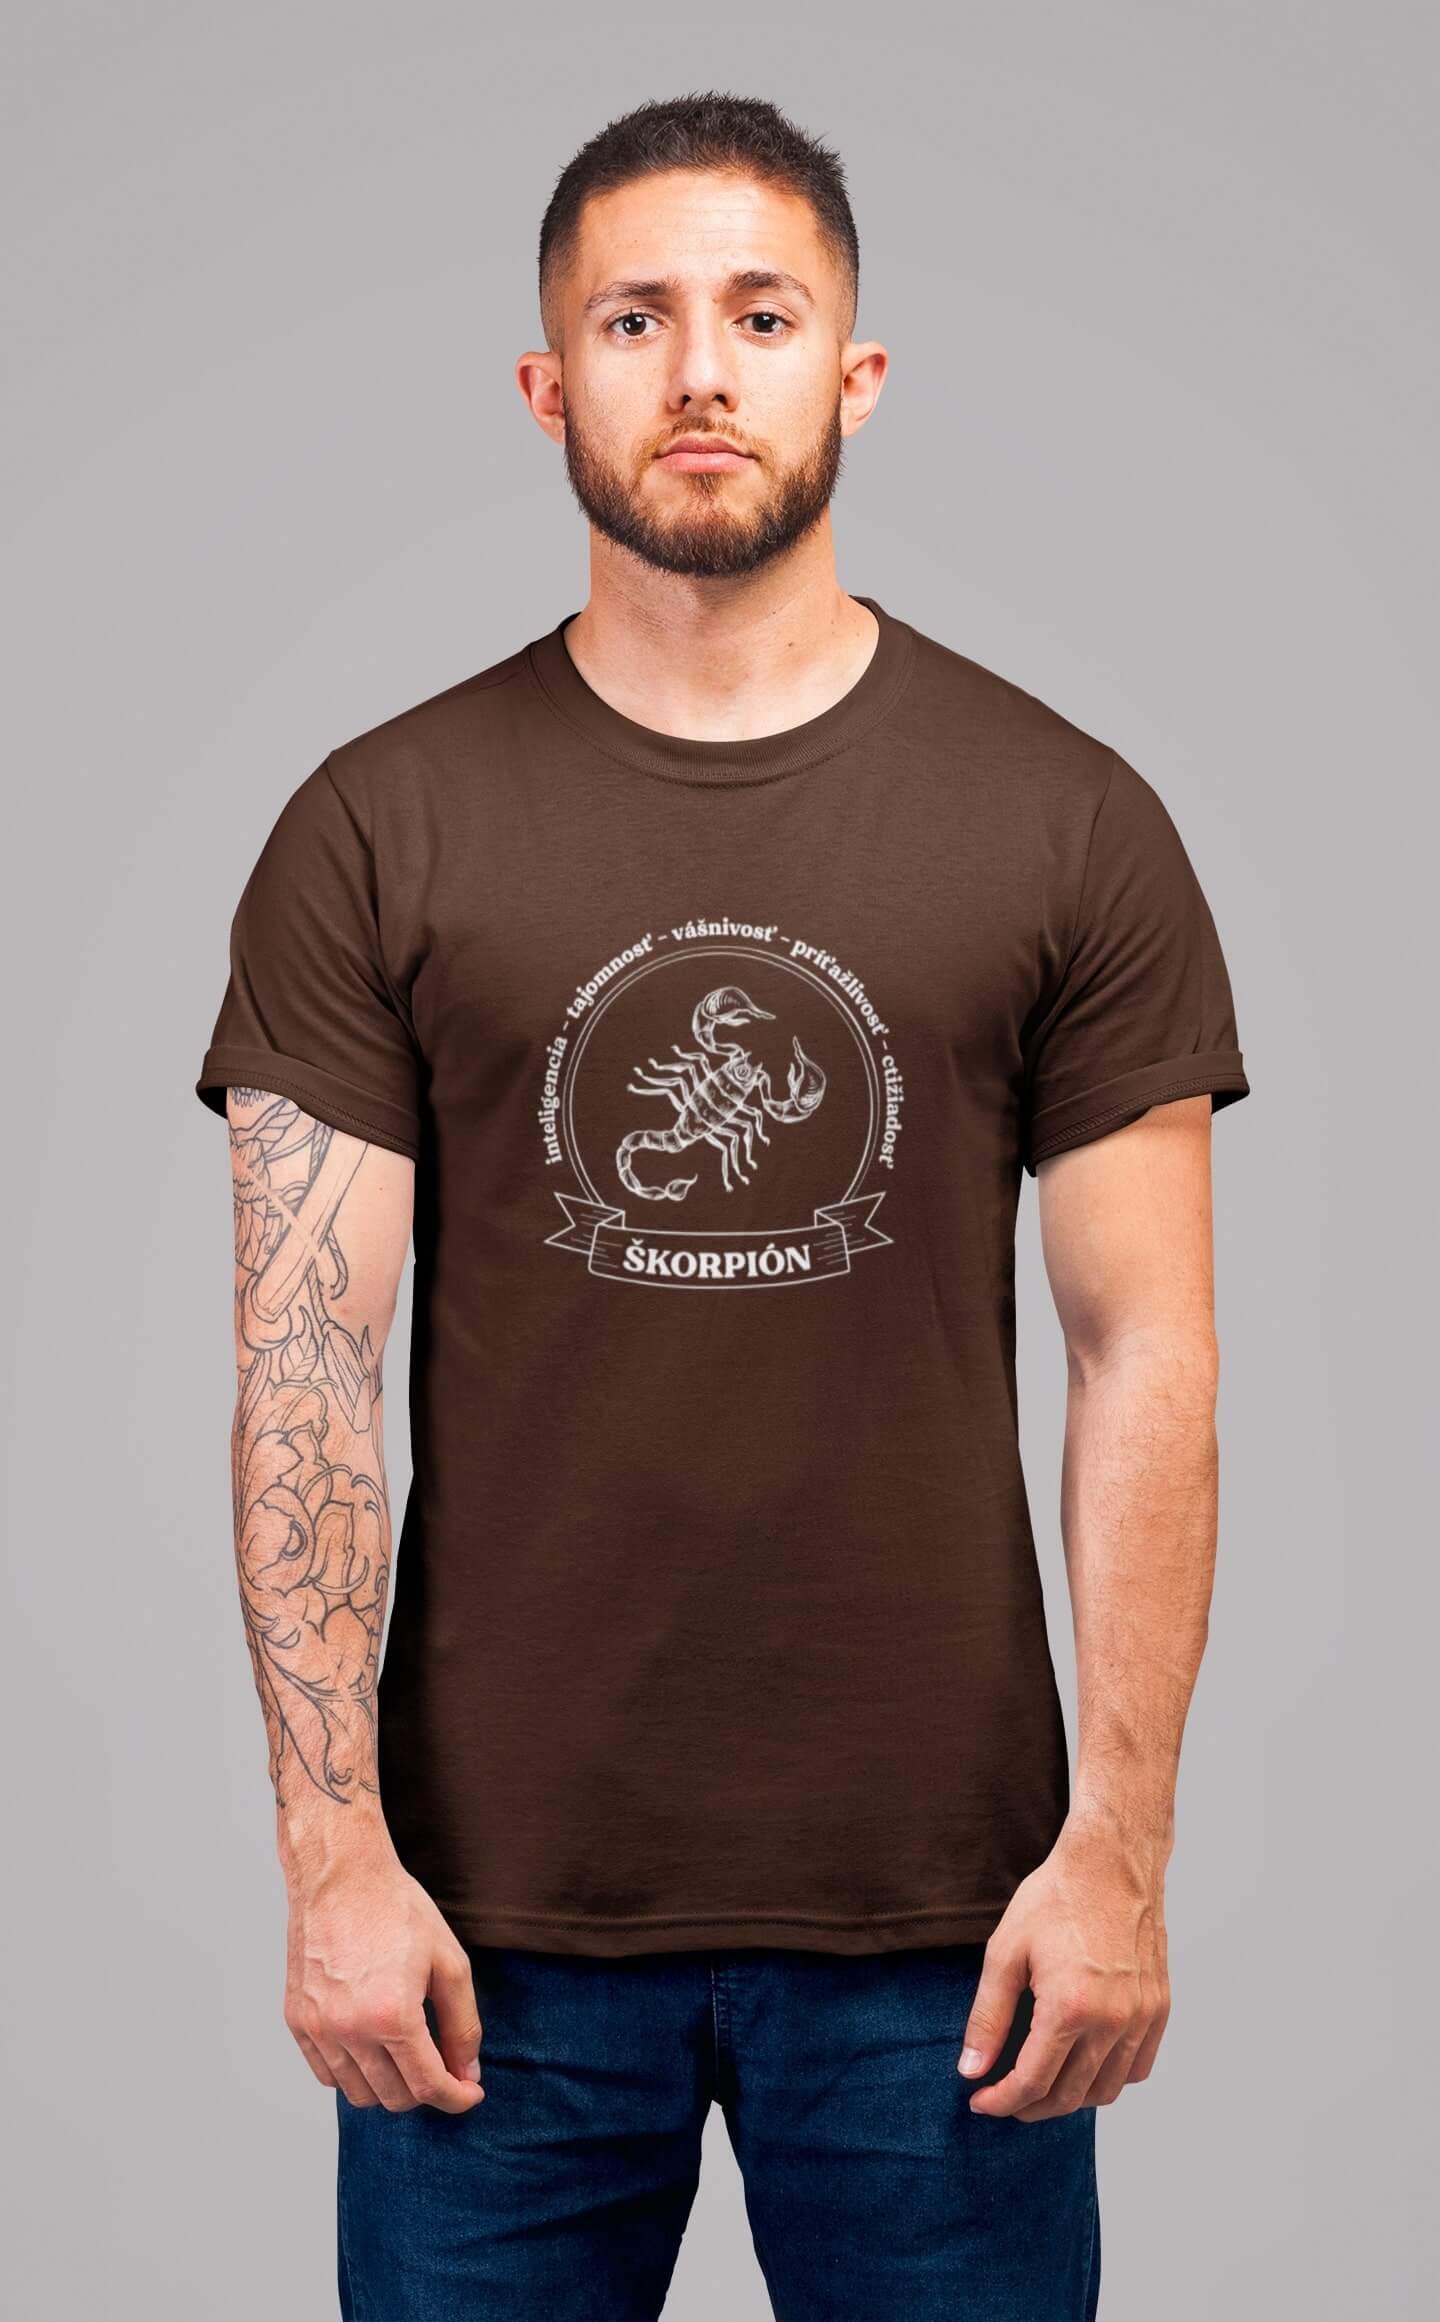 MMO Pánske tričko Škorpión Vyberte farbu: Čokoládová, Vyberte veľkosť: XL